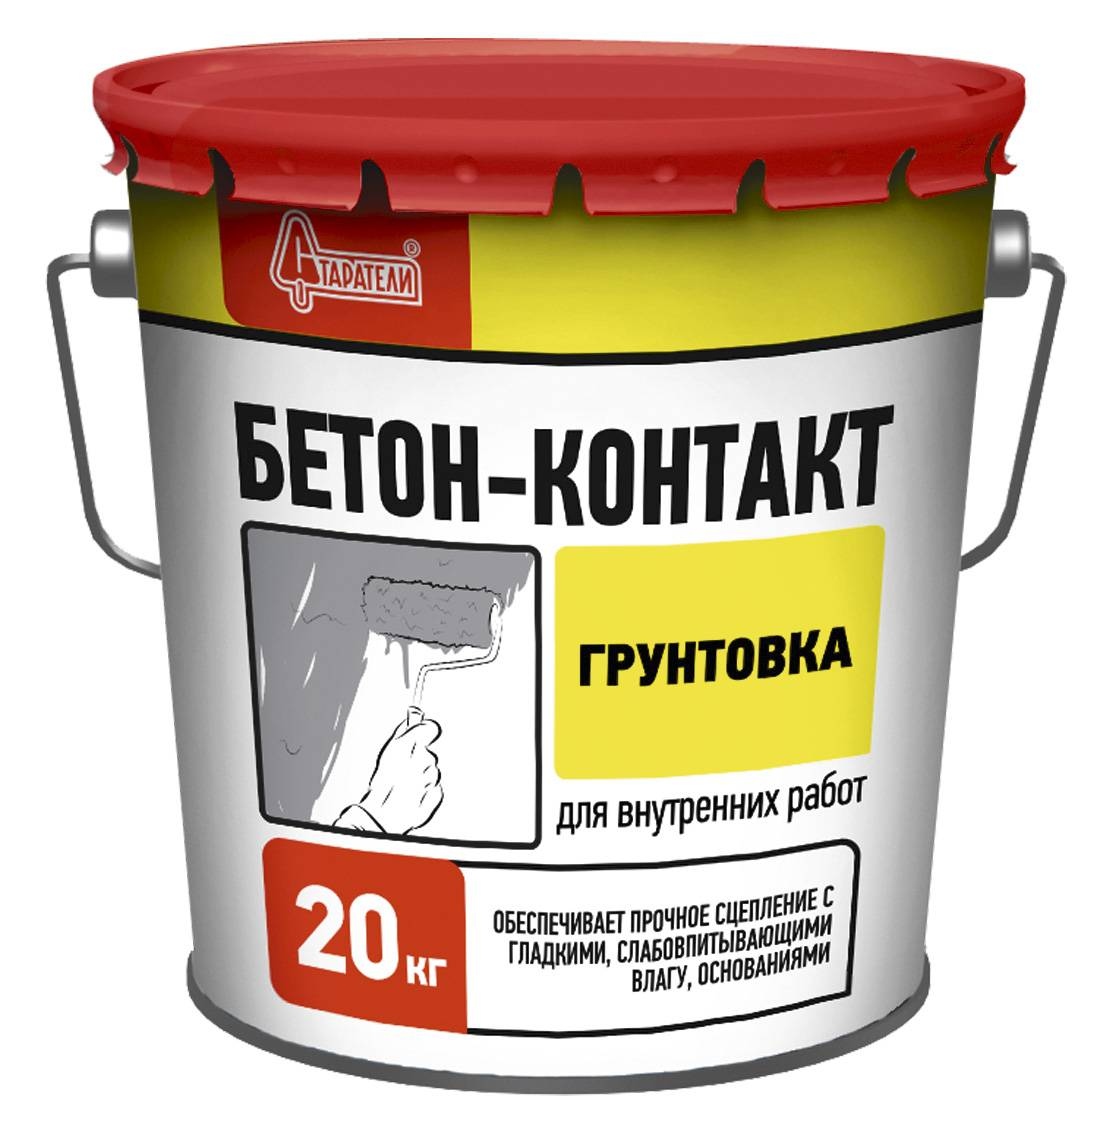 Как правильно наносить бетоноконтакт на стены?